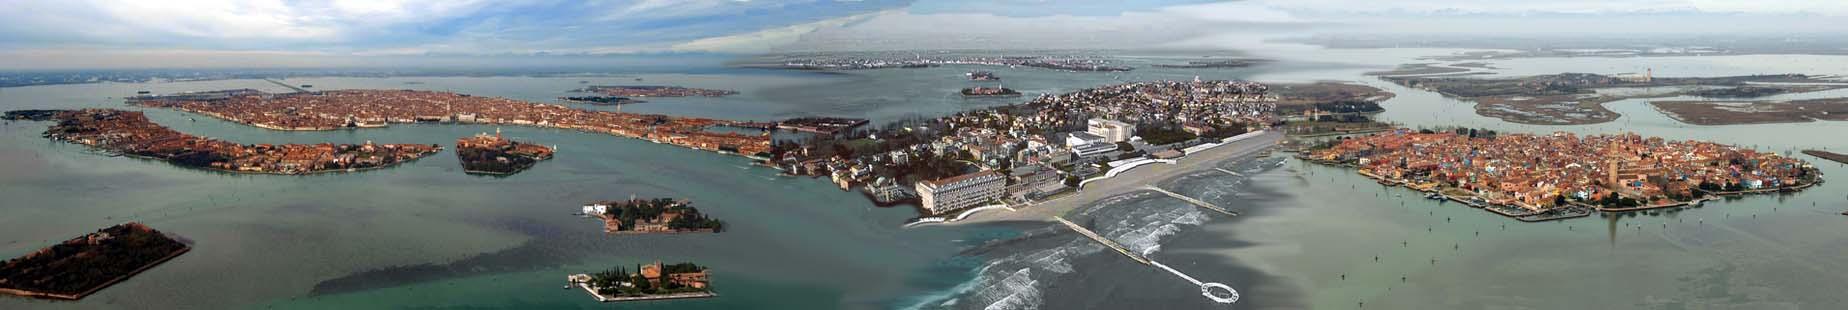 Venecia vista desde un helicóptero Heliair